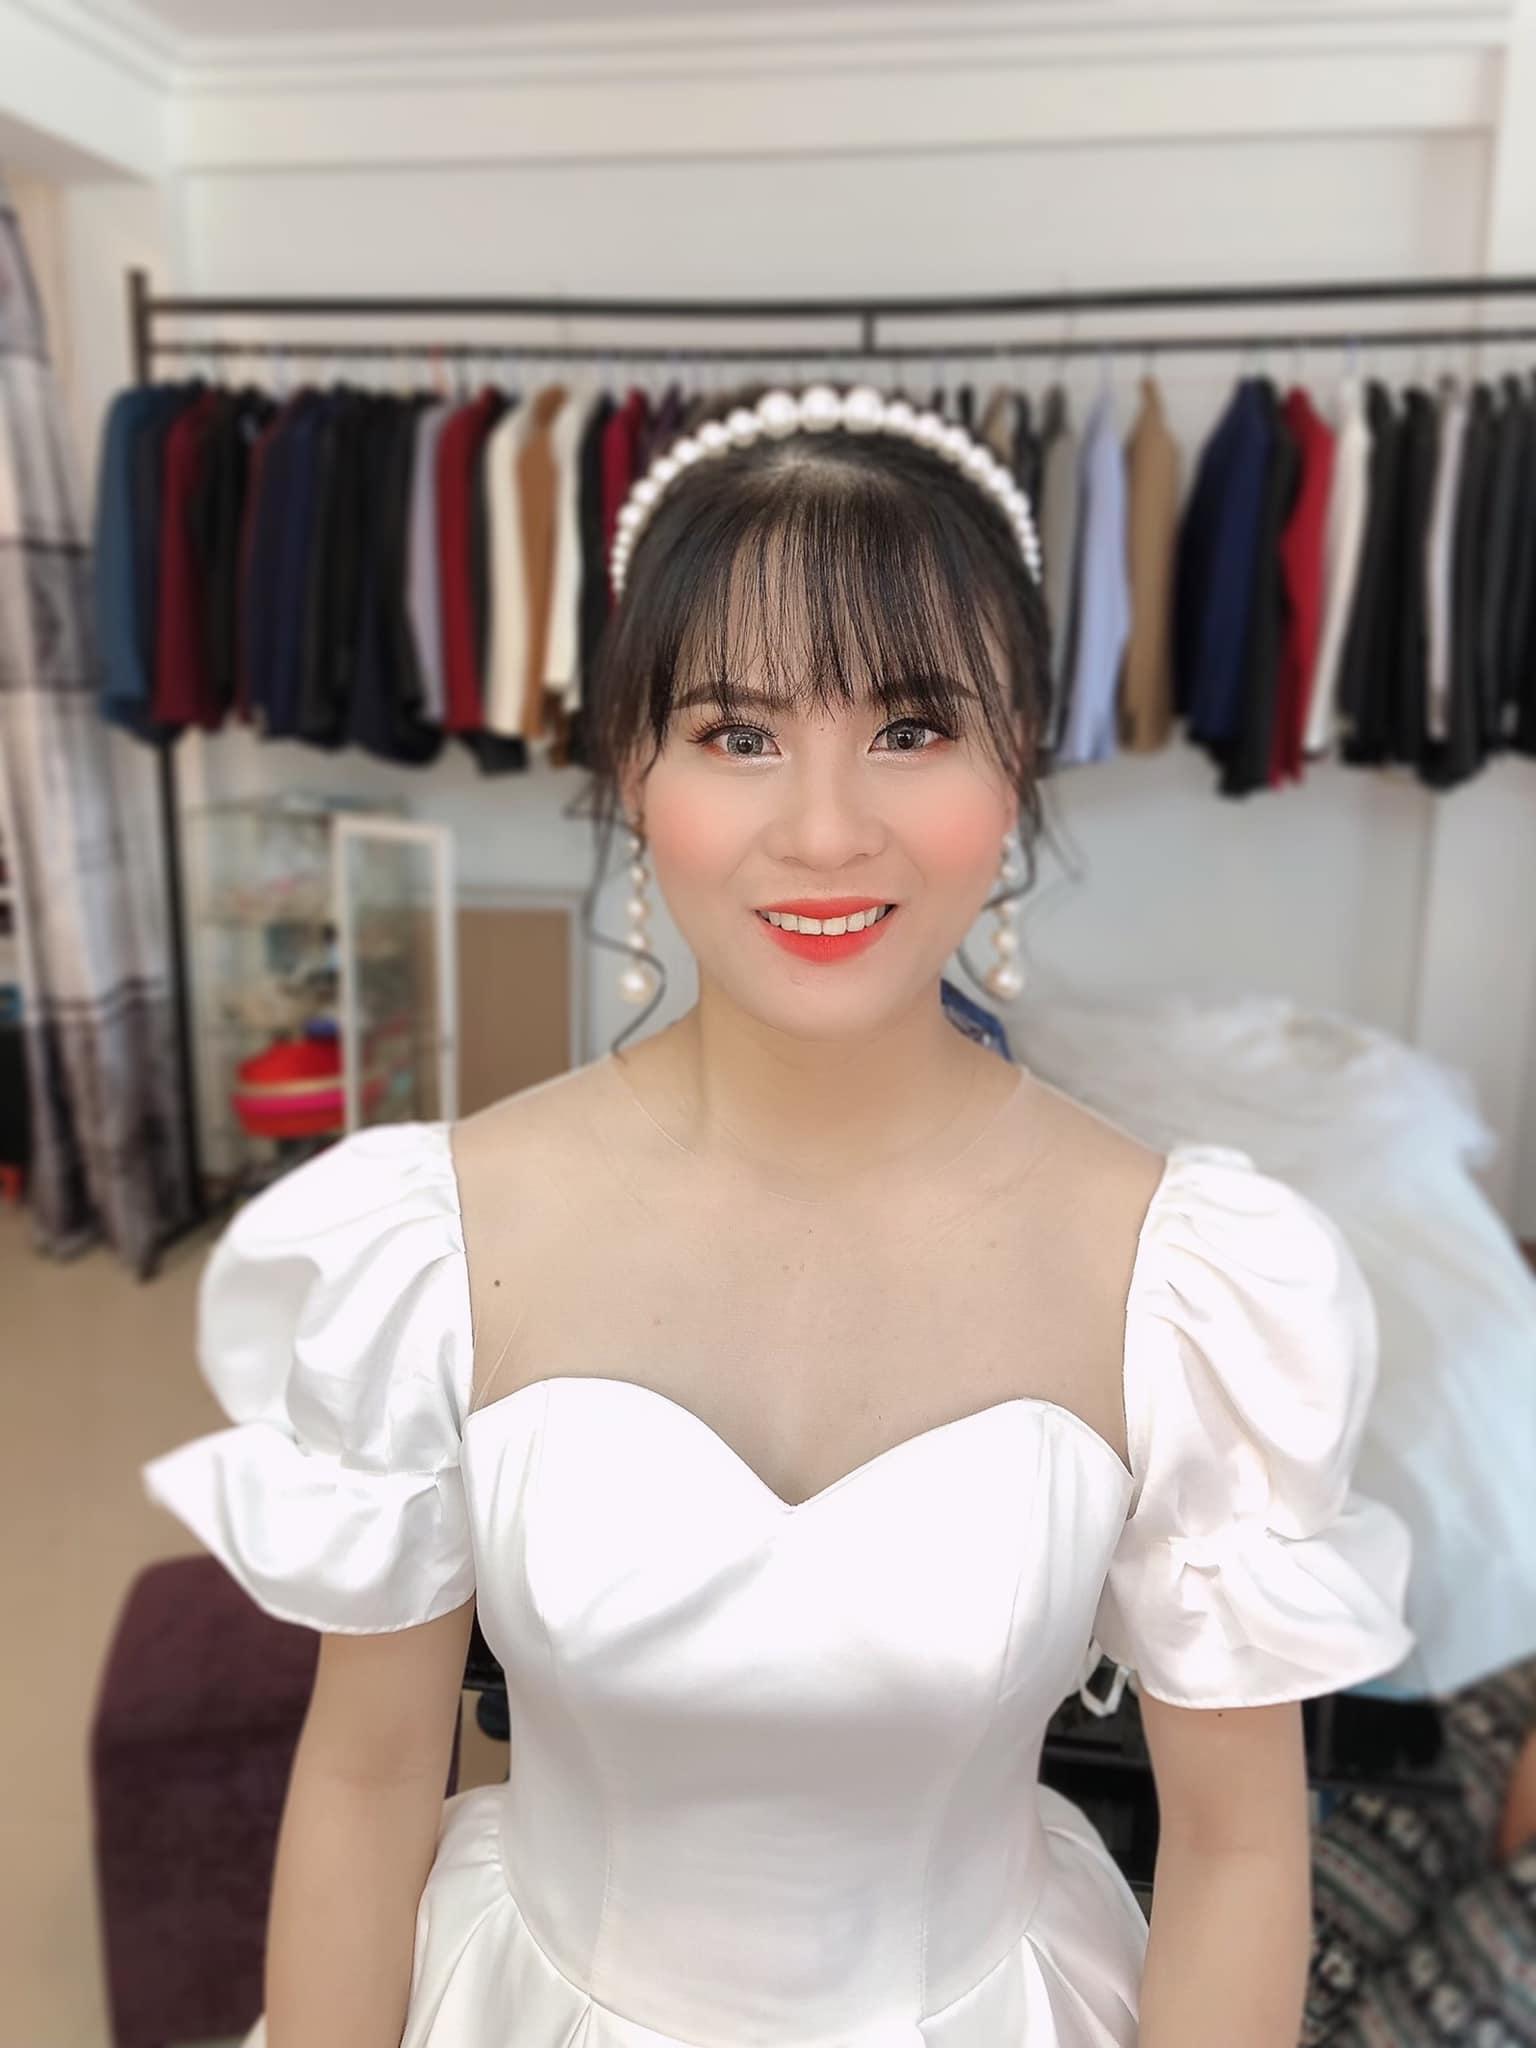 Top 5 tiệm trang điểm cô dâu đẹp nhất tại Hội An -  Ngọc Tuấn Make Up (Hà Vy Wedding)